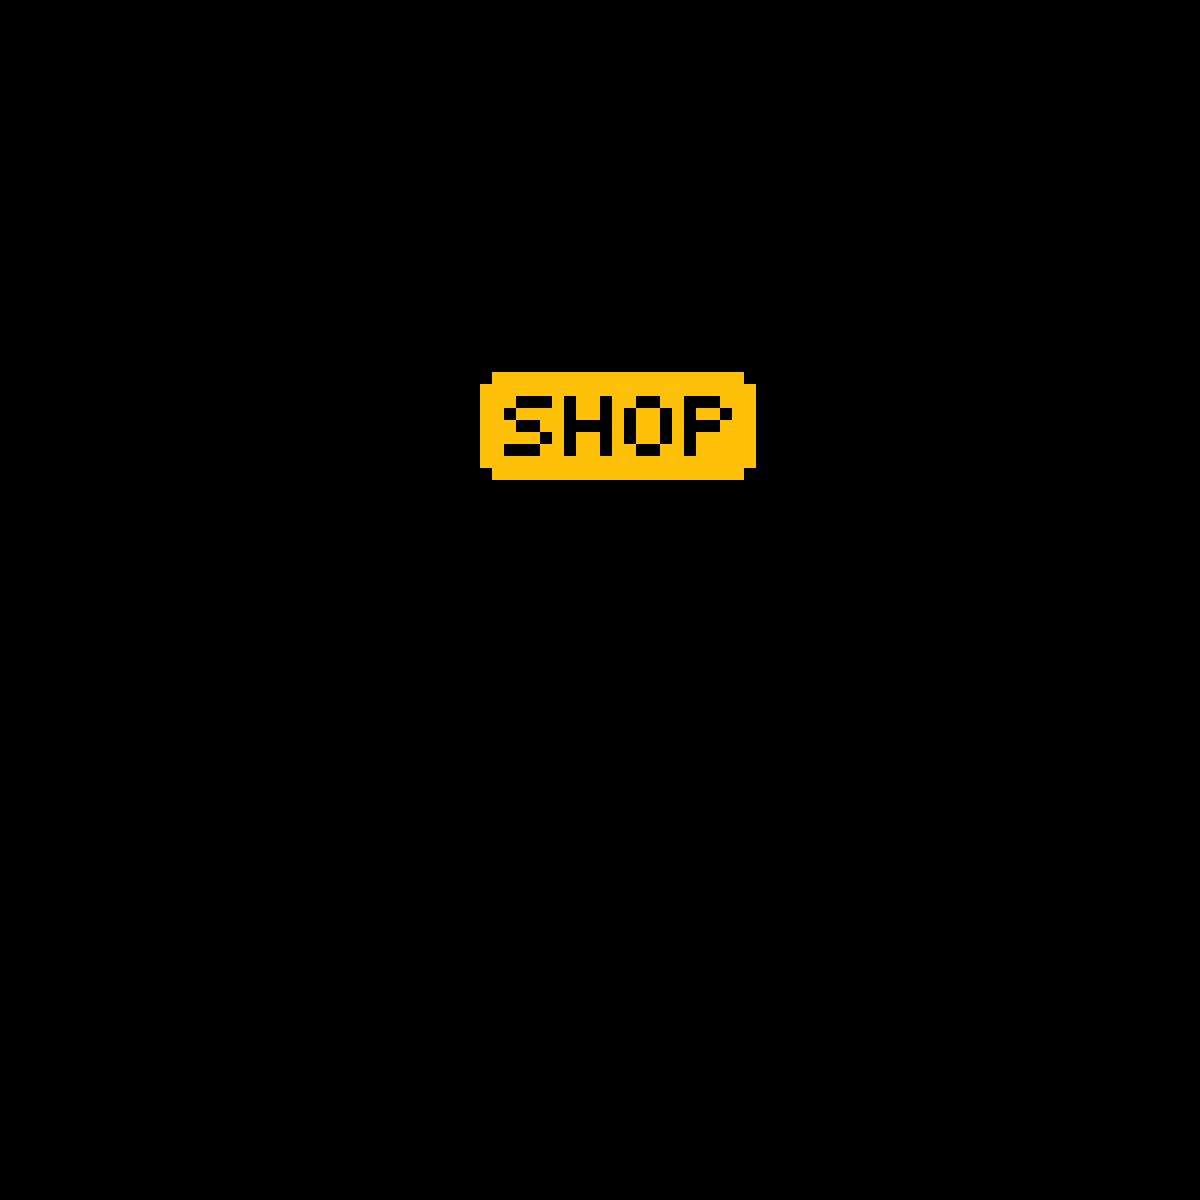 shop by maash